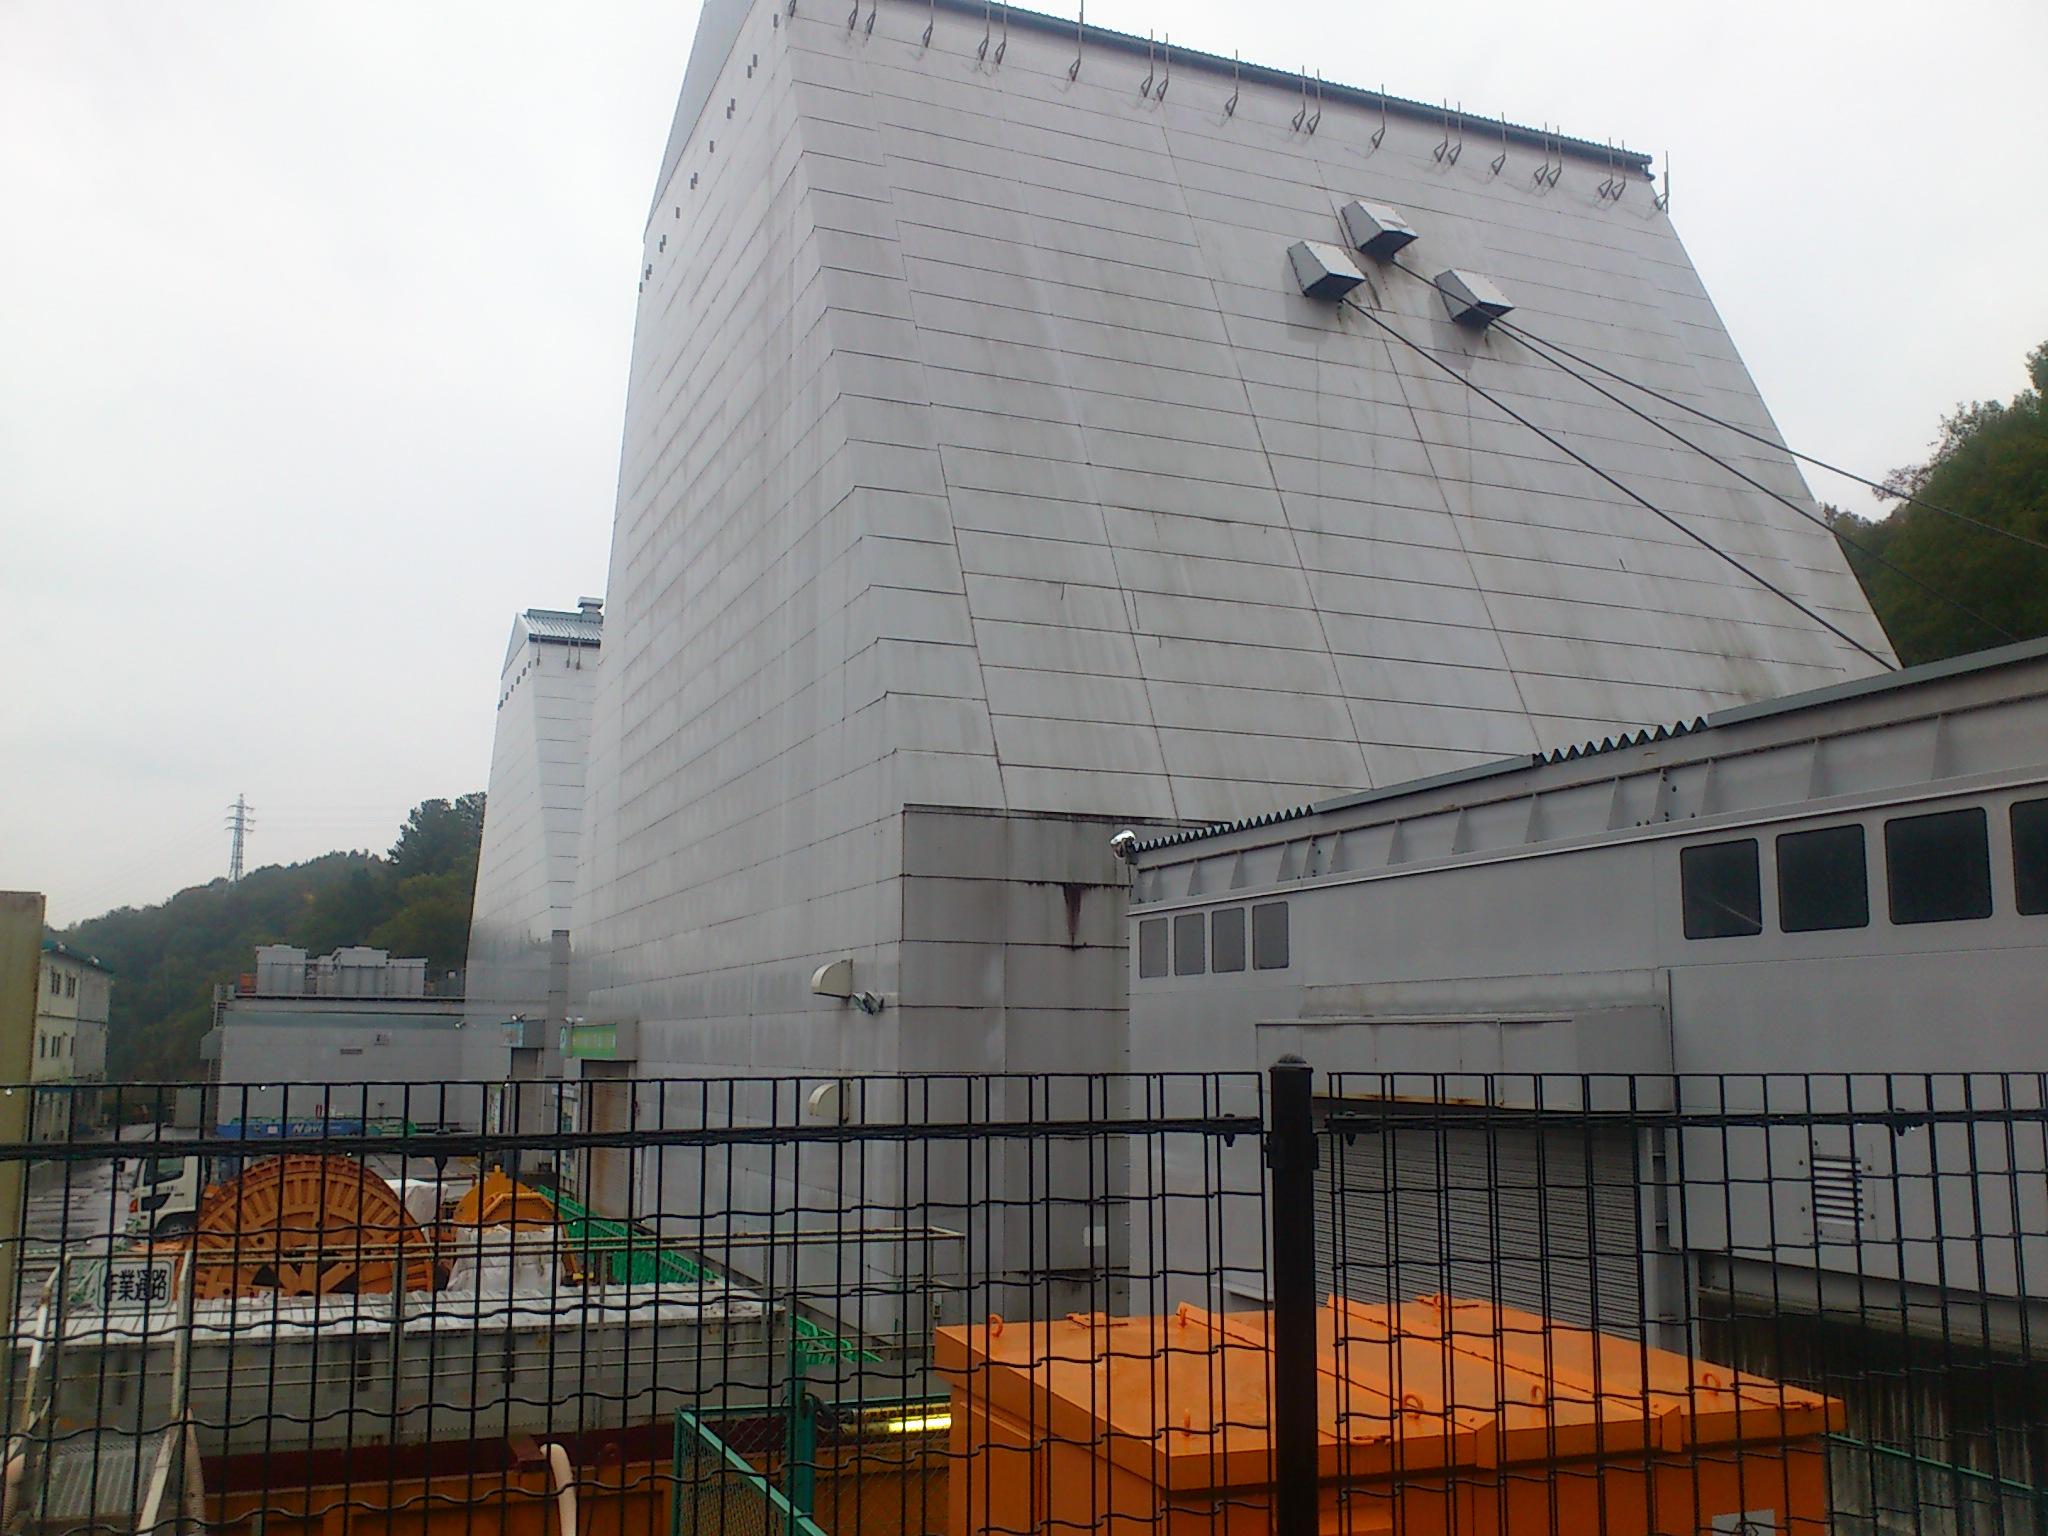 @瑞浪超深地層研究所。核廃棄物を埋める為の研究。すでに右建物地下に直径6m深さ500mの立坑を掘っています